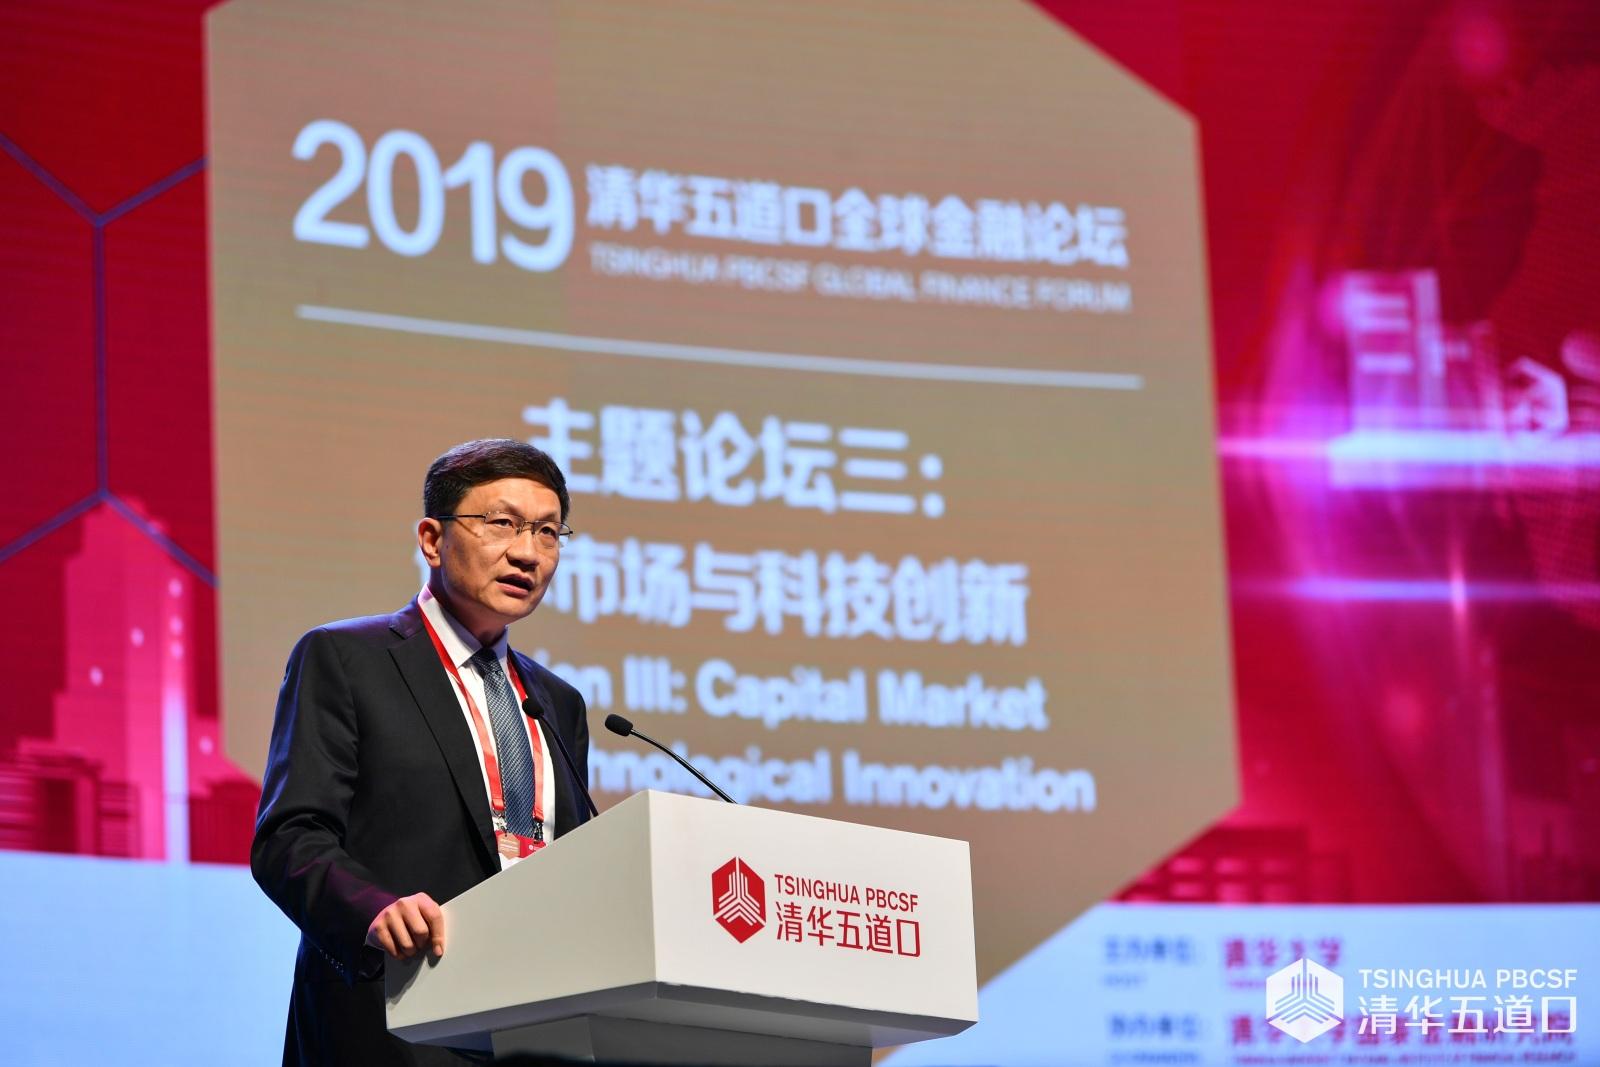 宜信公司创始人、首席执行官唐宁:财富管理、资产配置让投资者更有耐心